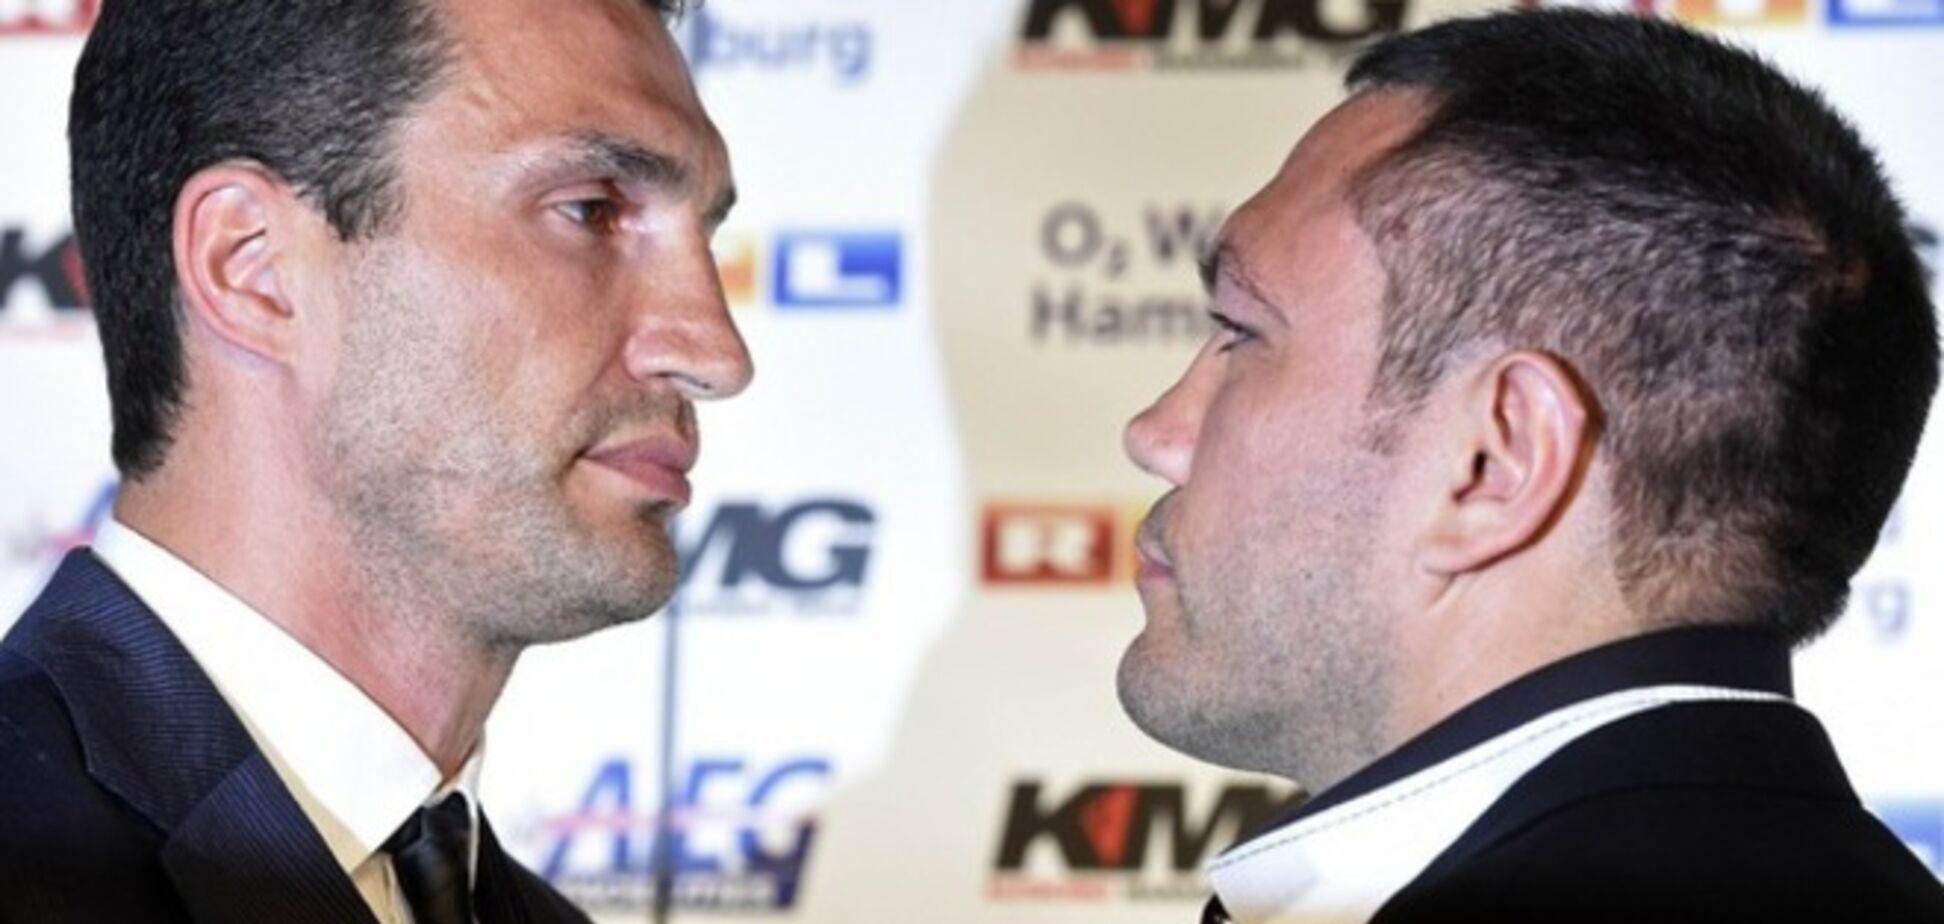 Эксперт: мотивация Пулева иссякнет после двух раундов боя с Кличко